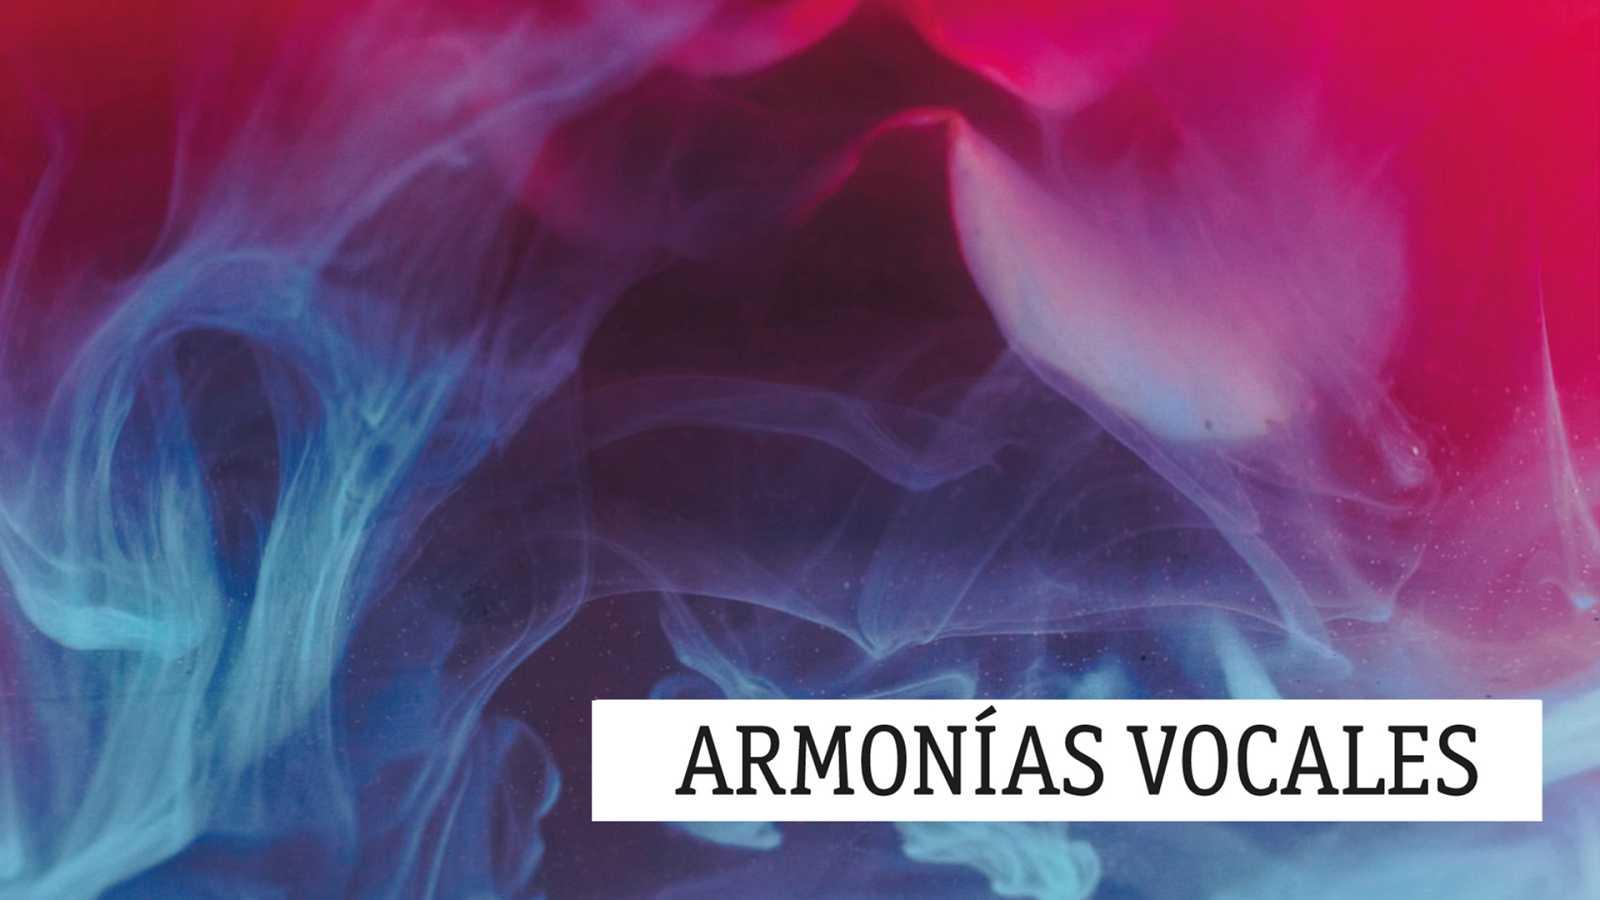 Armonías vocales - 05/12/20 - escuchar ahora